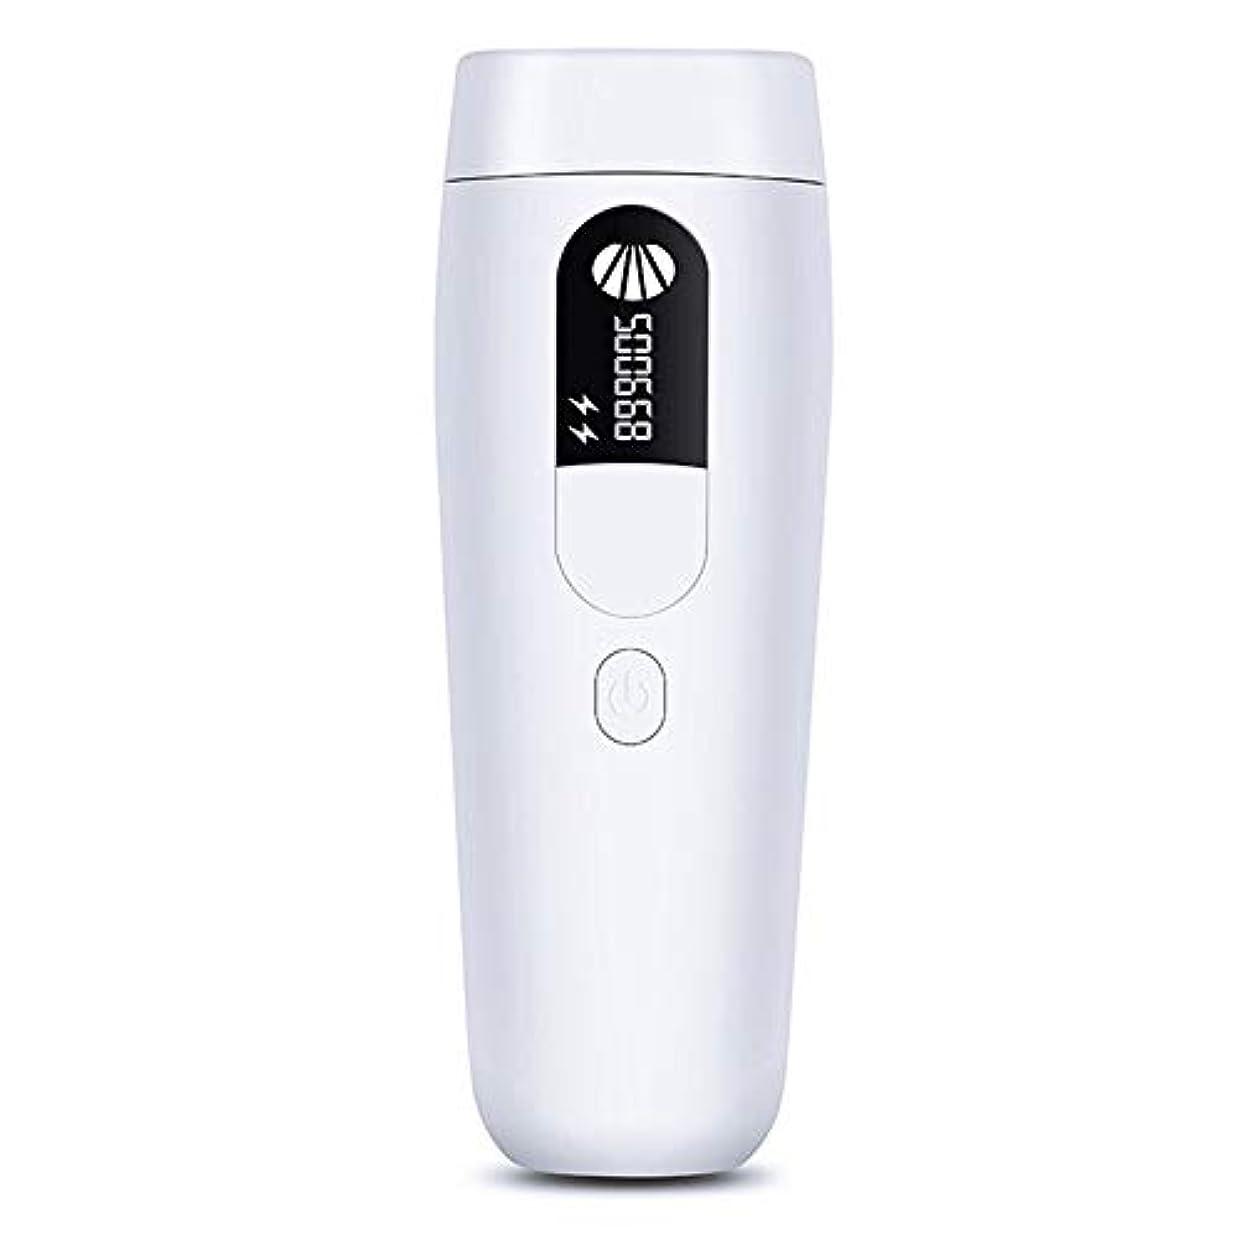 経営者声を出してルアーダパイ 自動、手動、2つのモード、インテリジェント誘導ポータブル無痛脱毛剤、5スピードレギュレーション、サイズ6x3.5x17cm U546